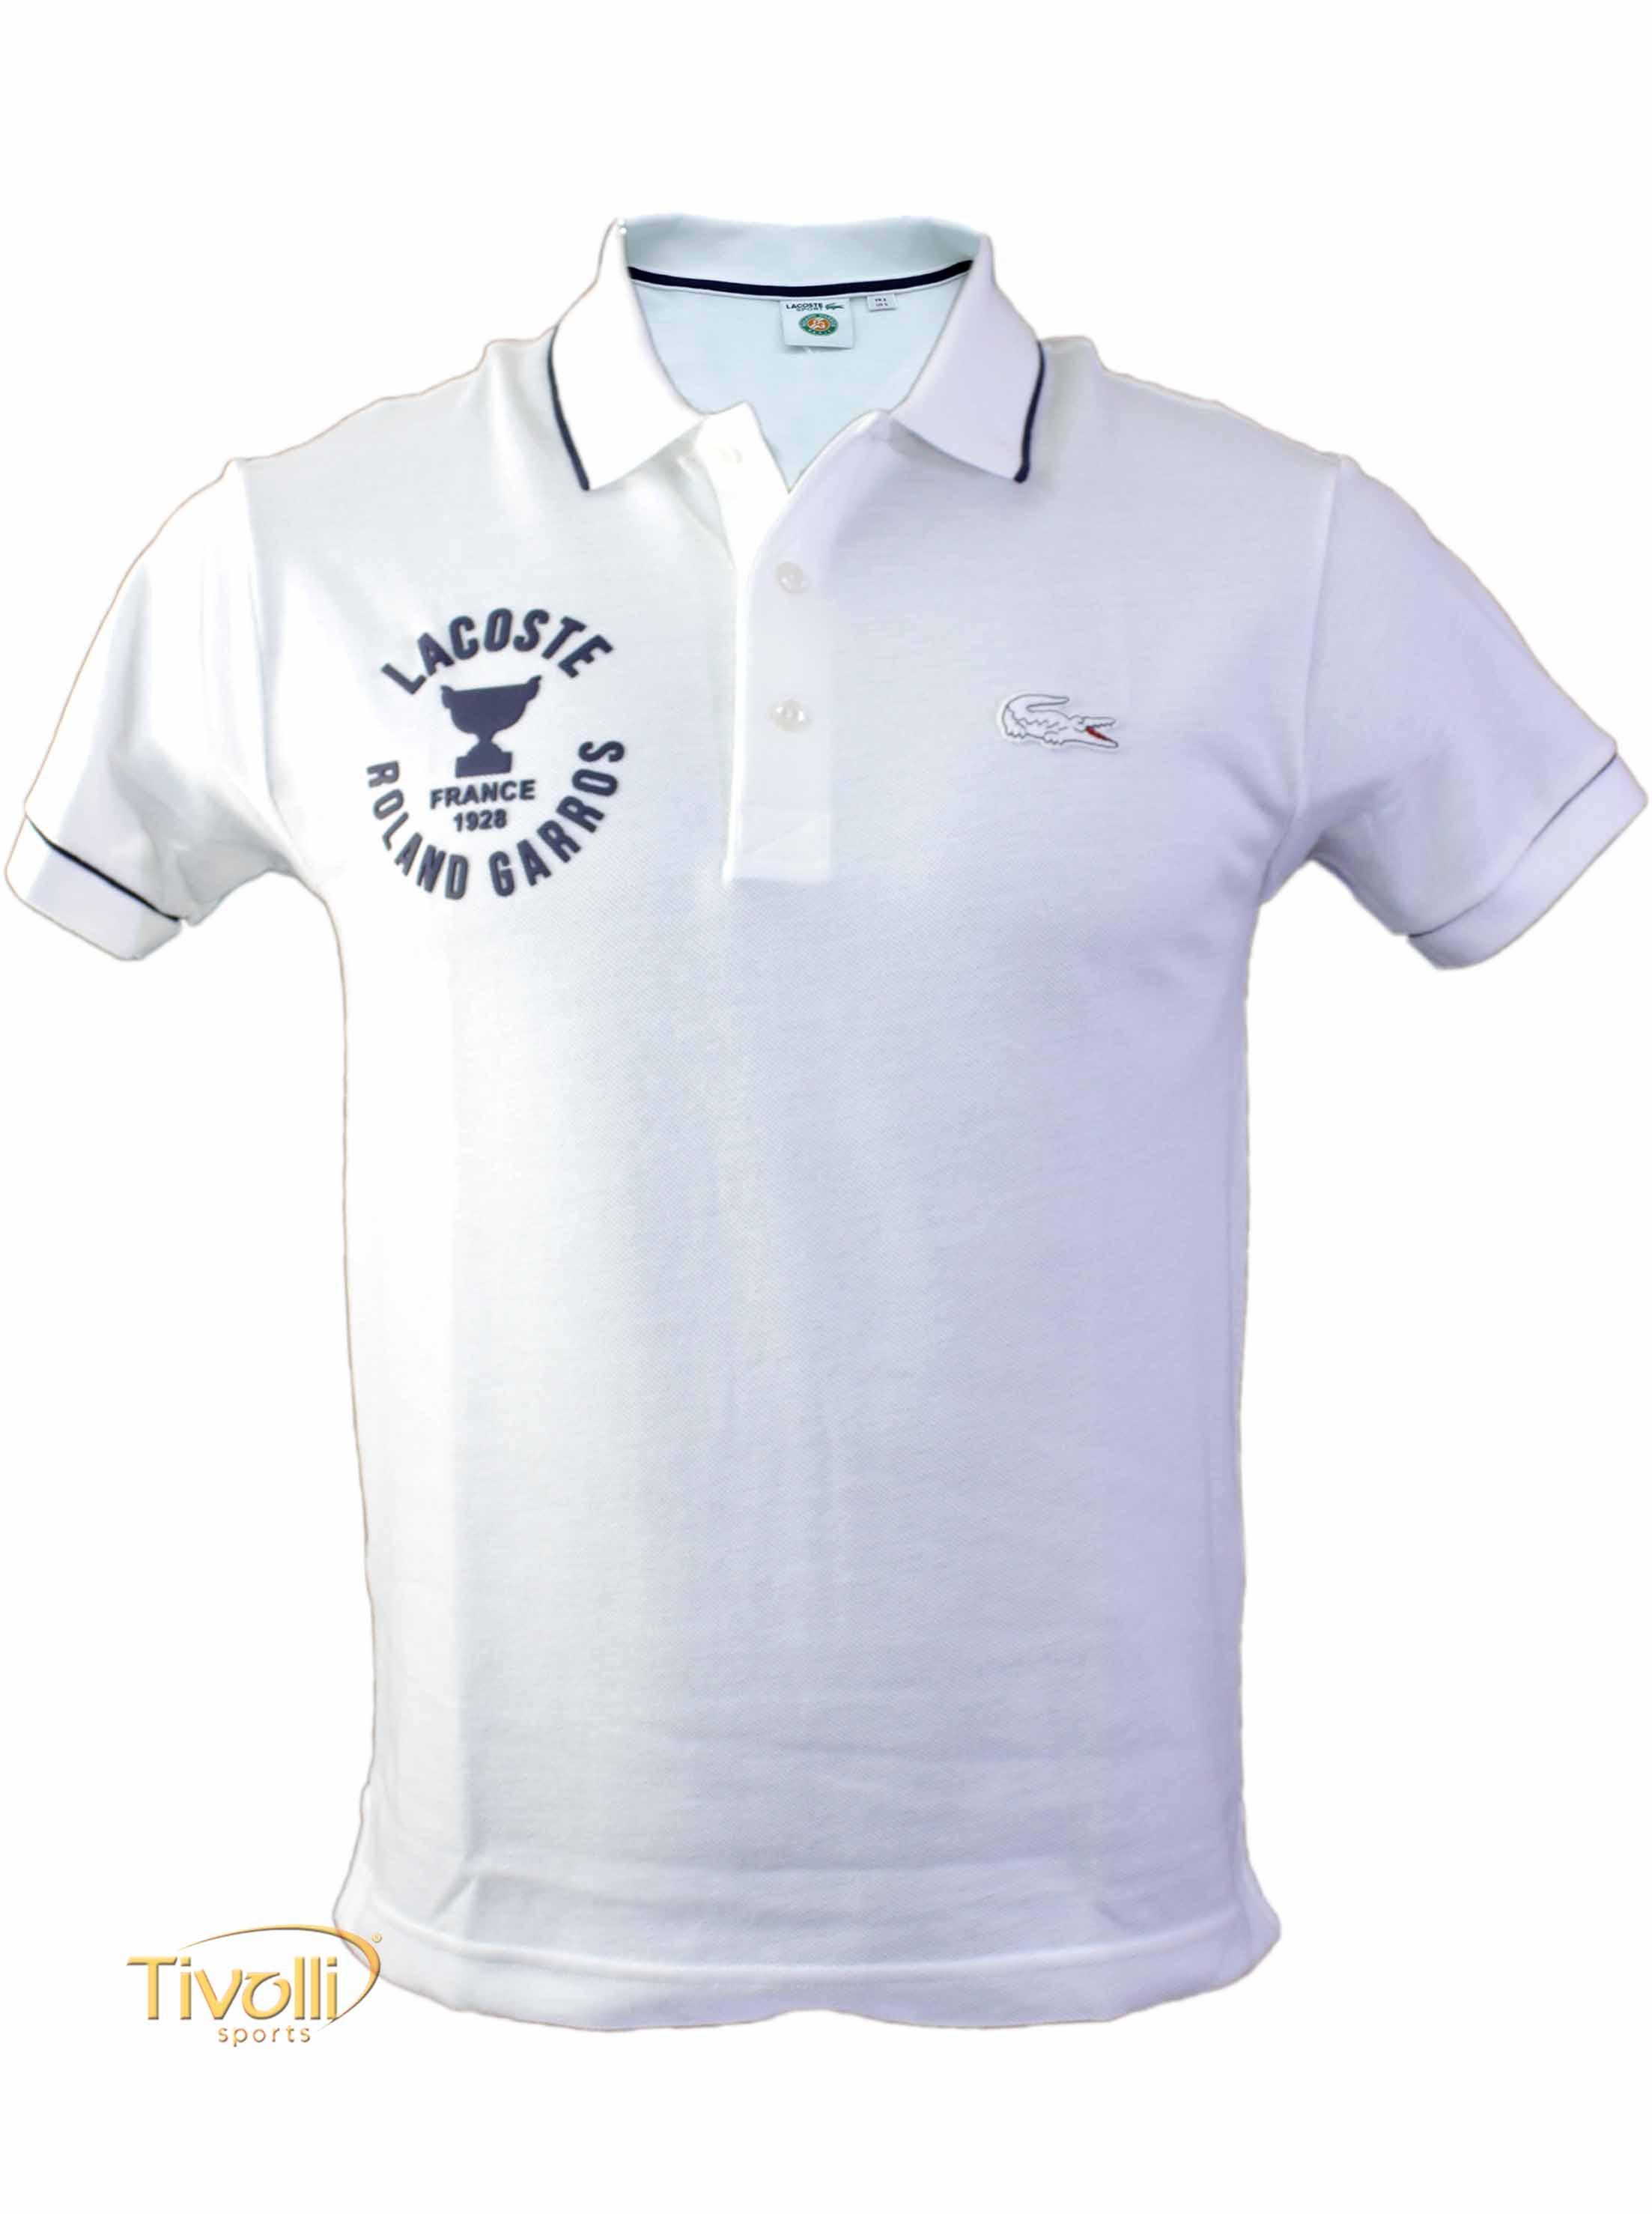 6aa792e7d8c Raquete Mania   Camisa Polo Lacoste   Roland Garros Branca Estampada